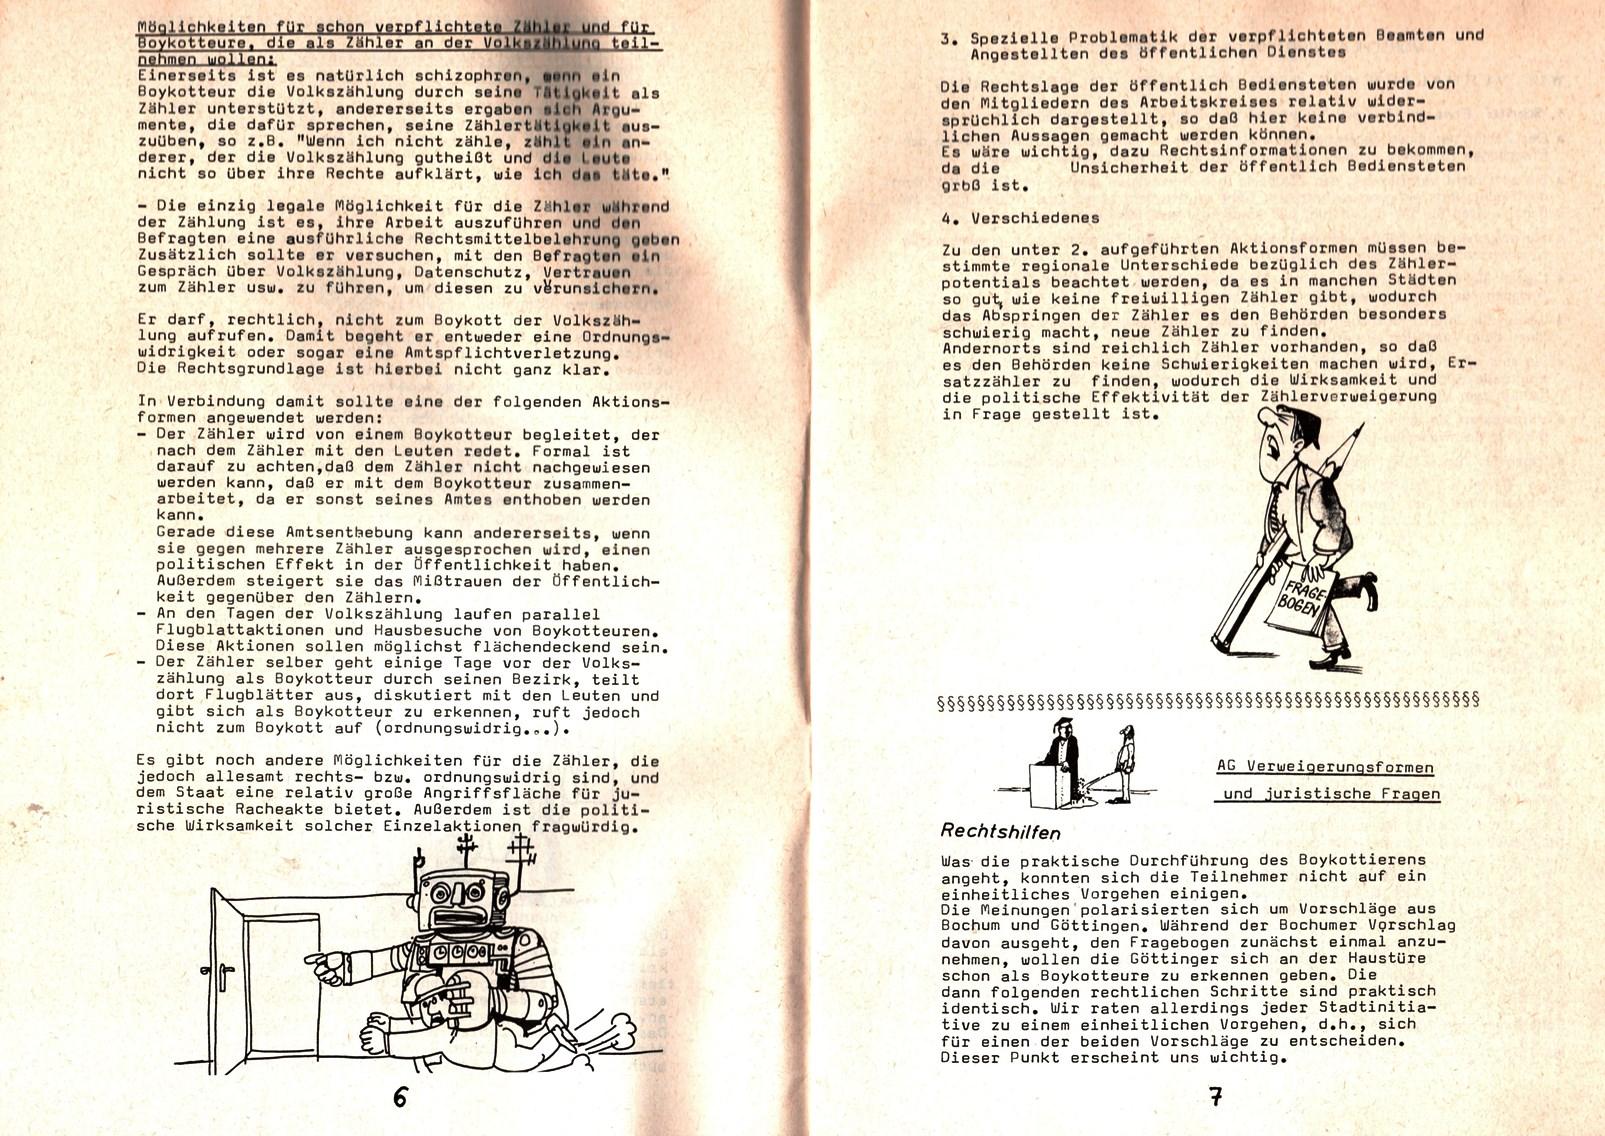 Bochum_1983_Volkszaehlungsboykotttreffen_004